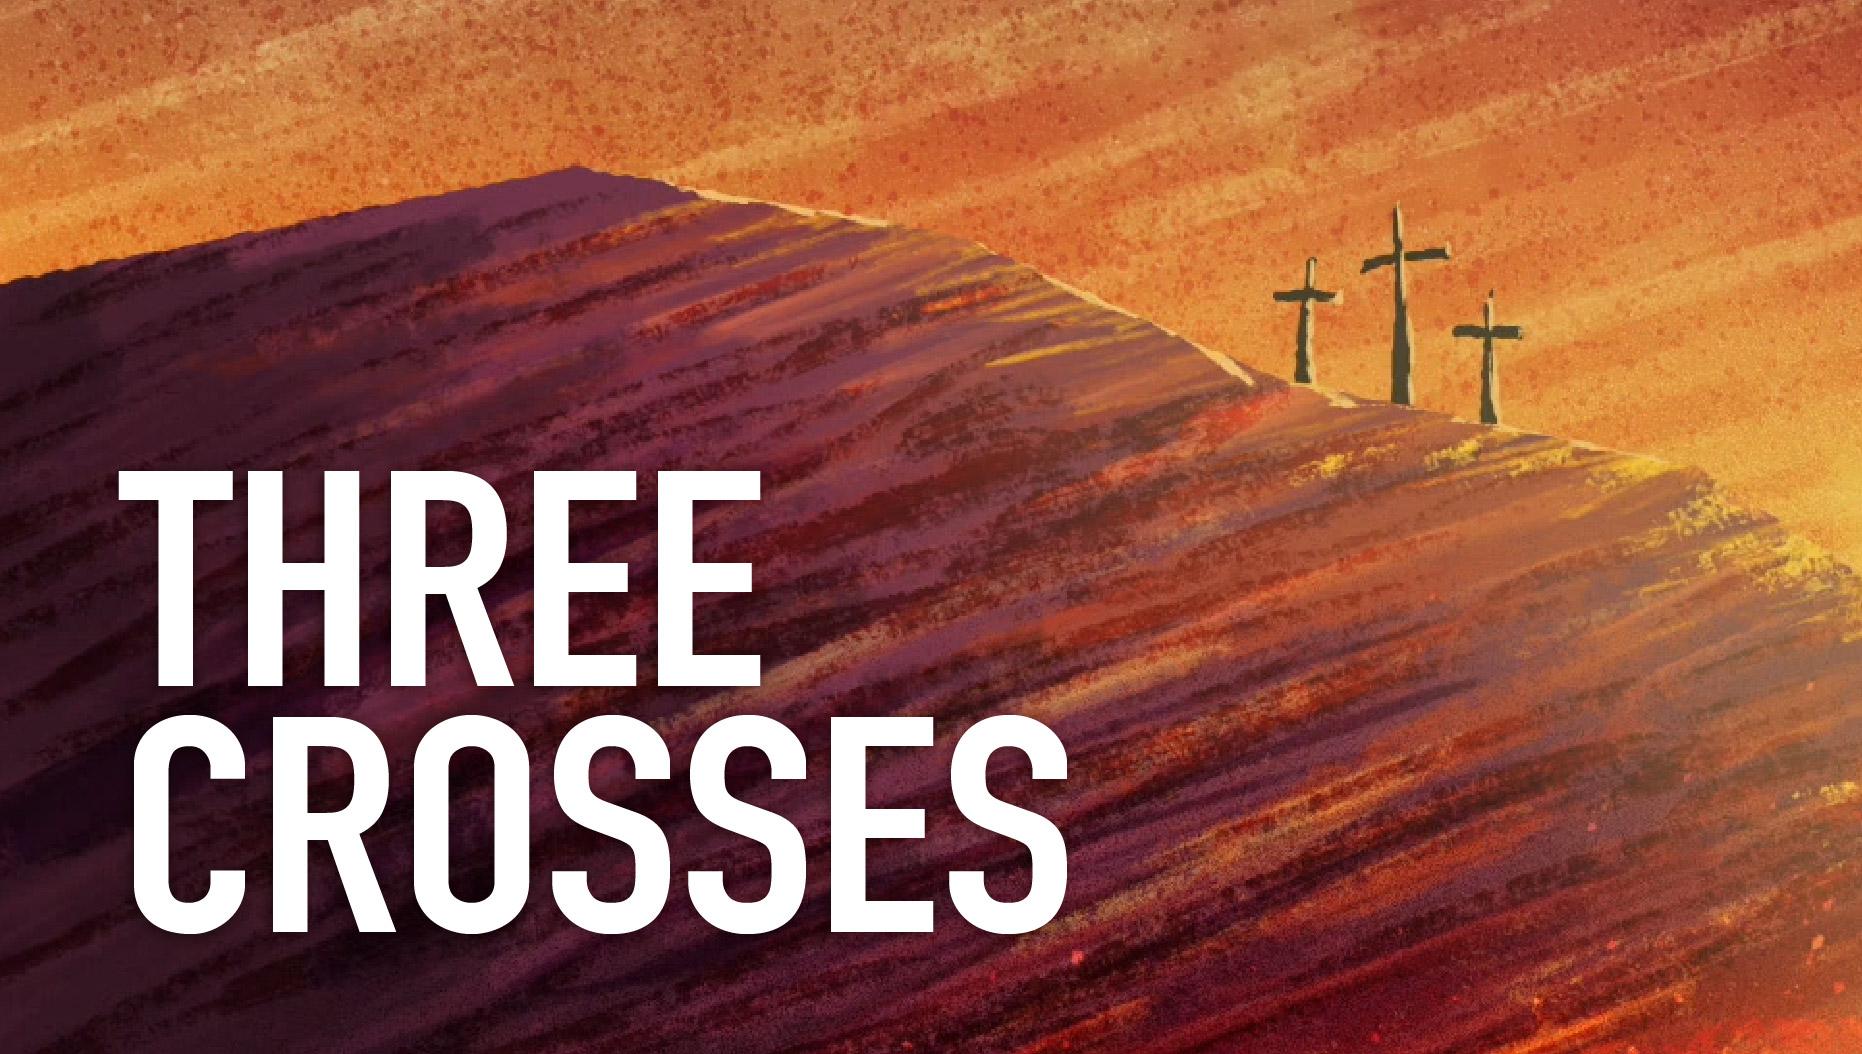 Three Crosses Ttl-01.jpg